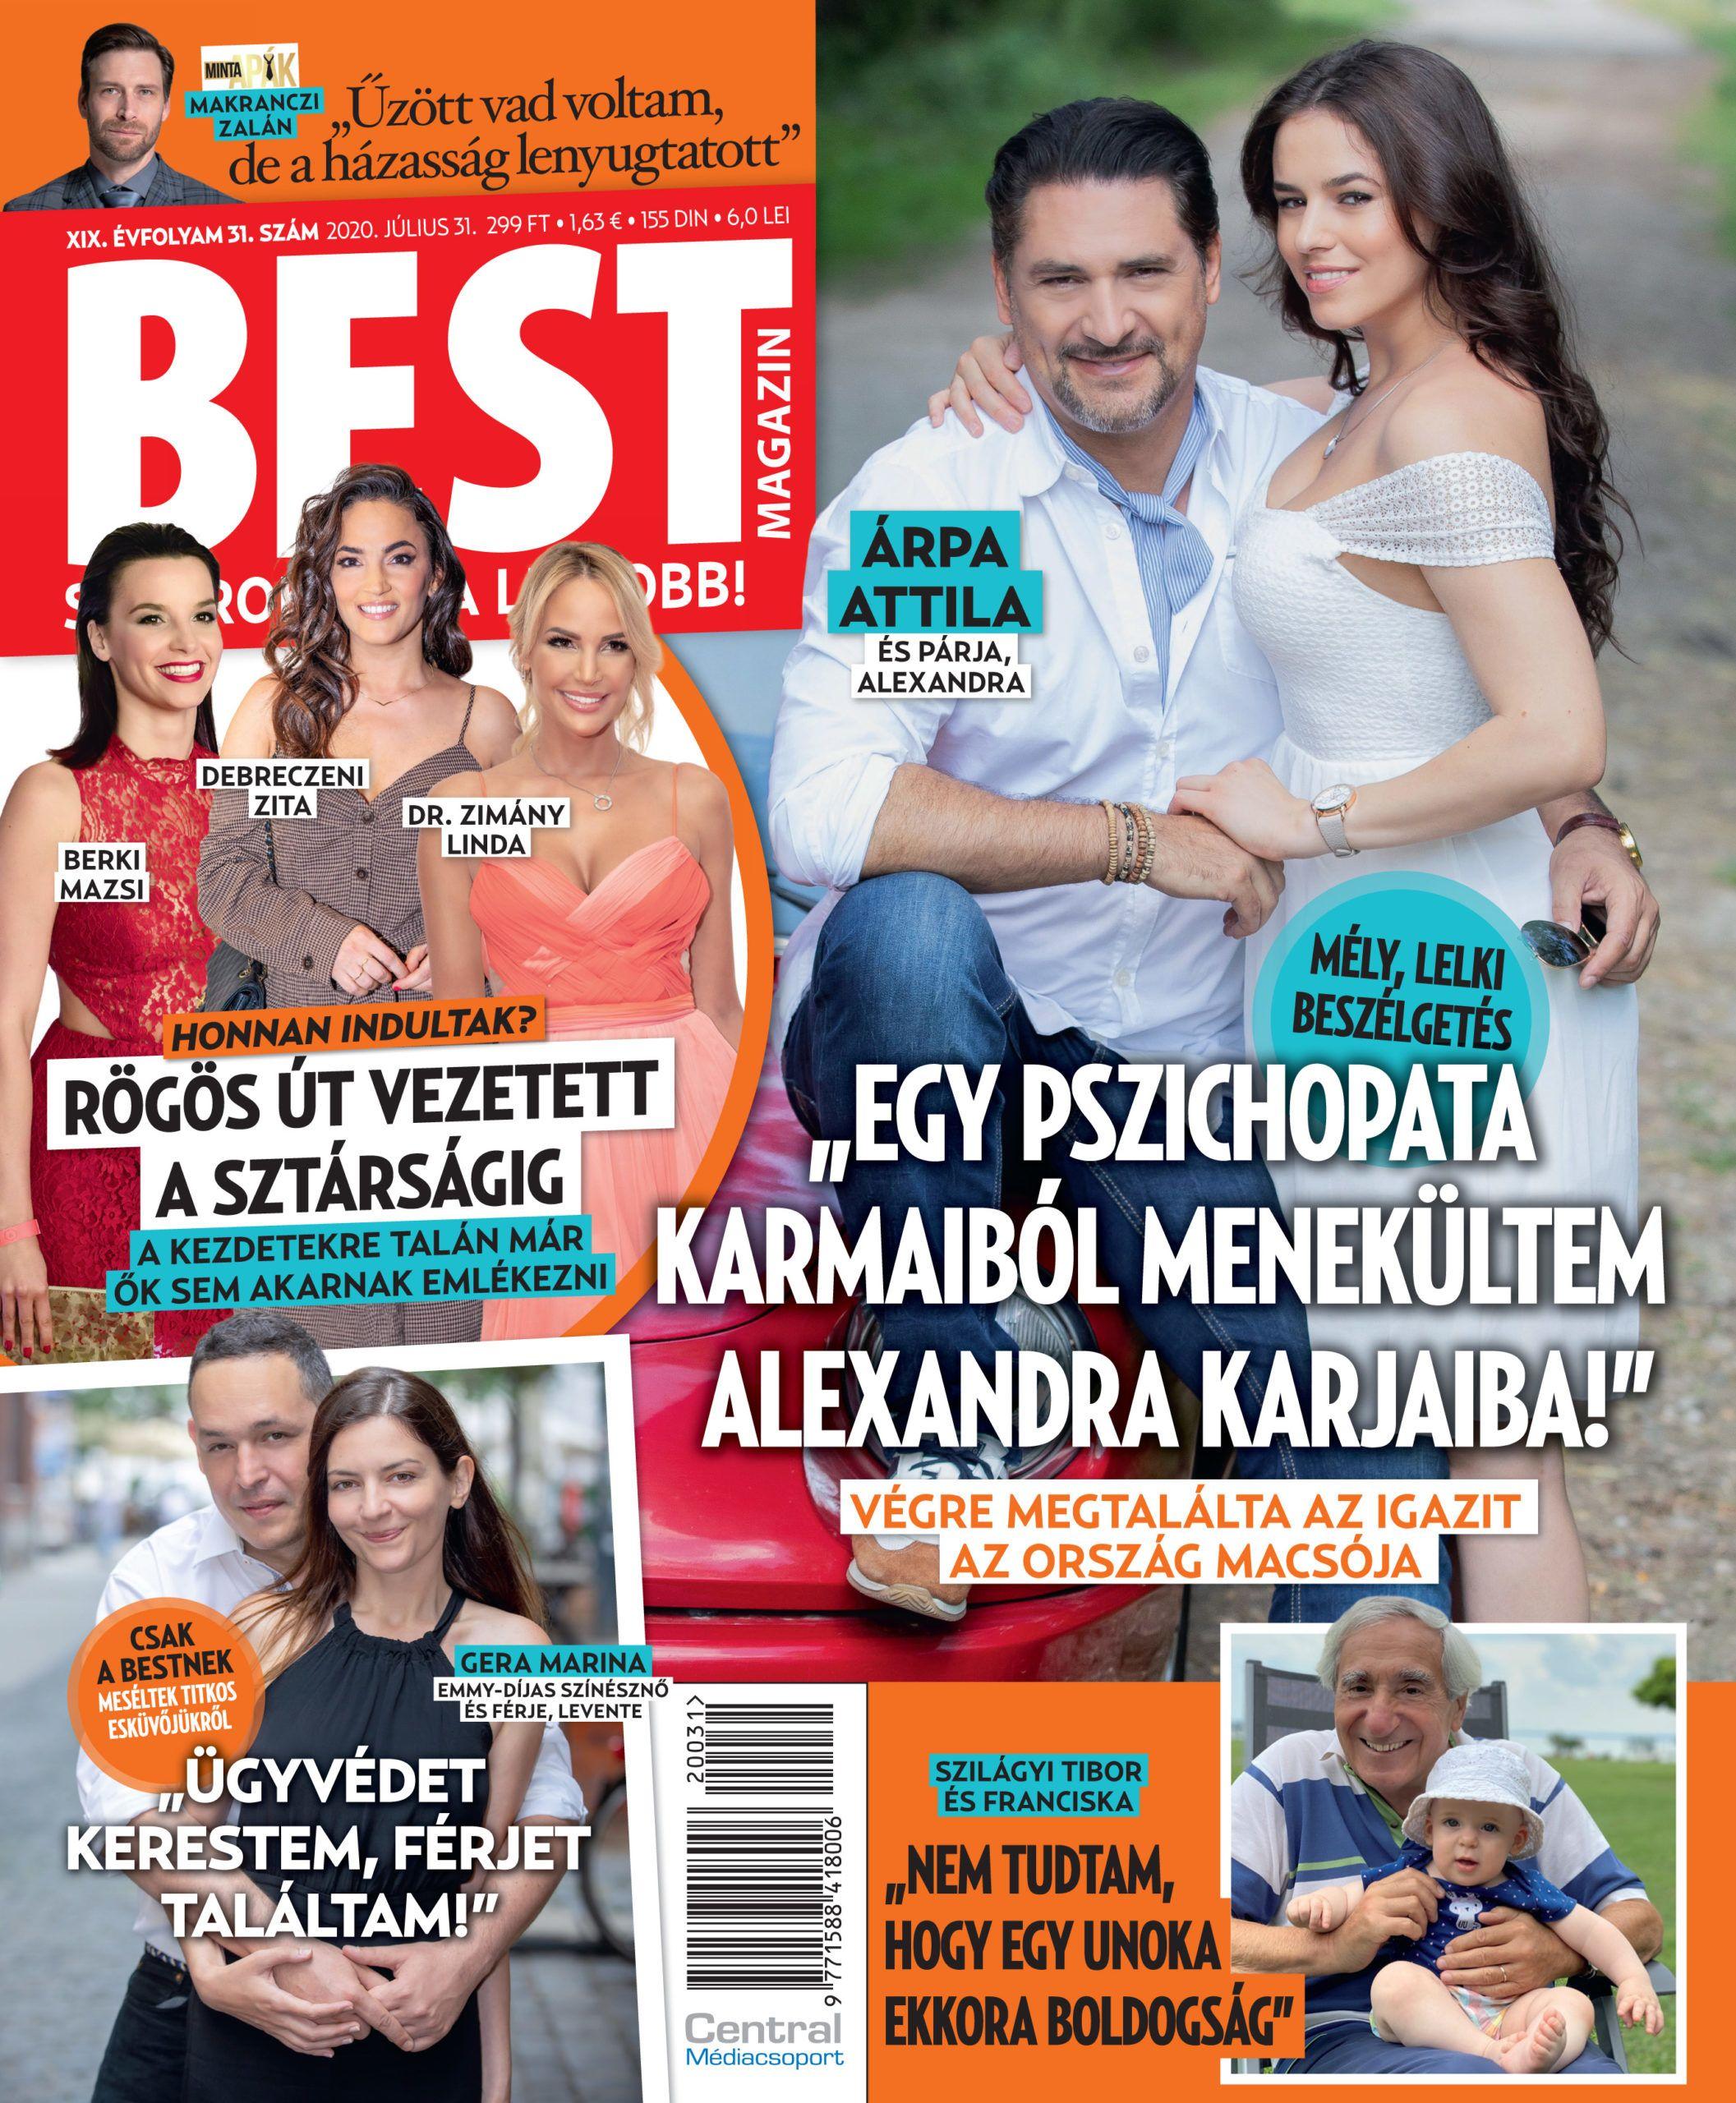 Gera Marina először mutatta meg a férjét - Leventével négy éve házasok